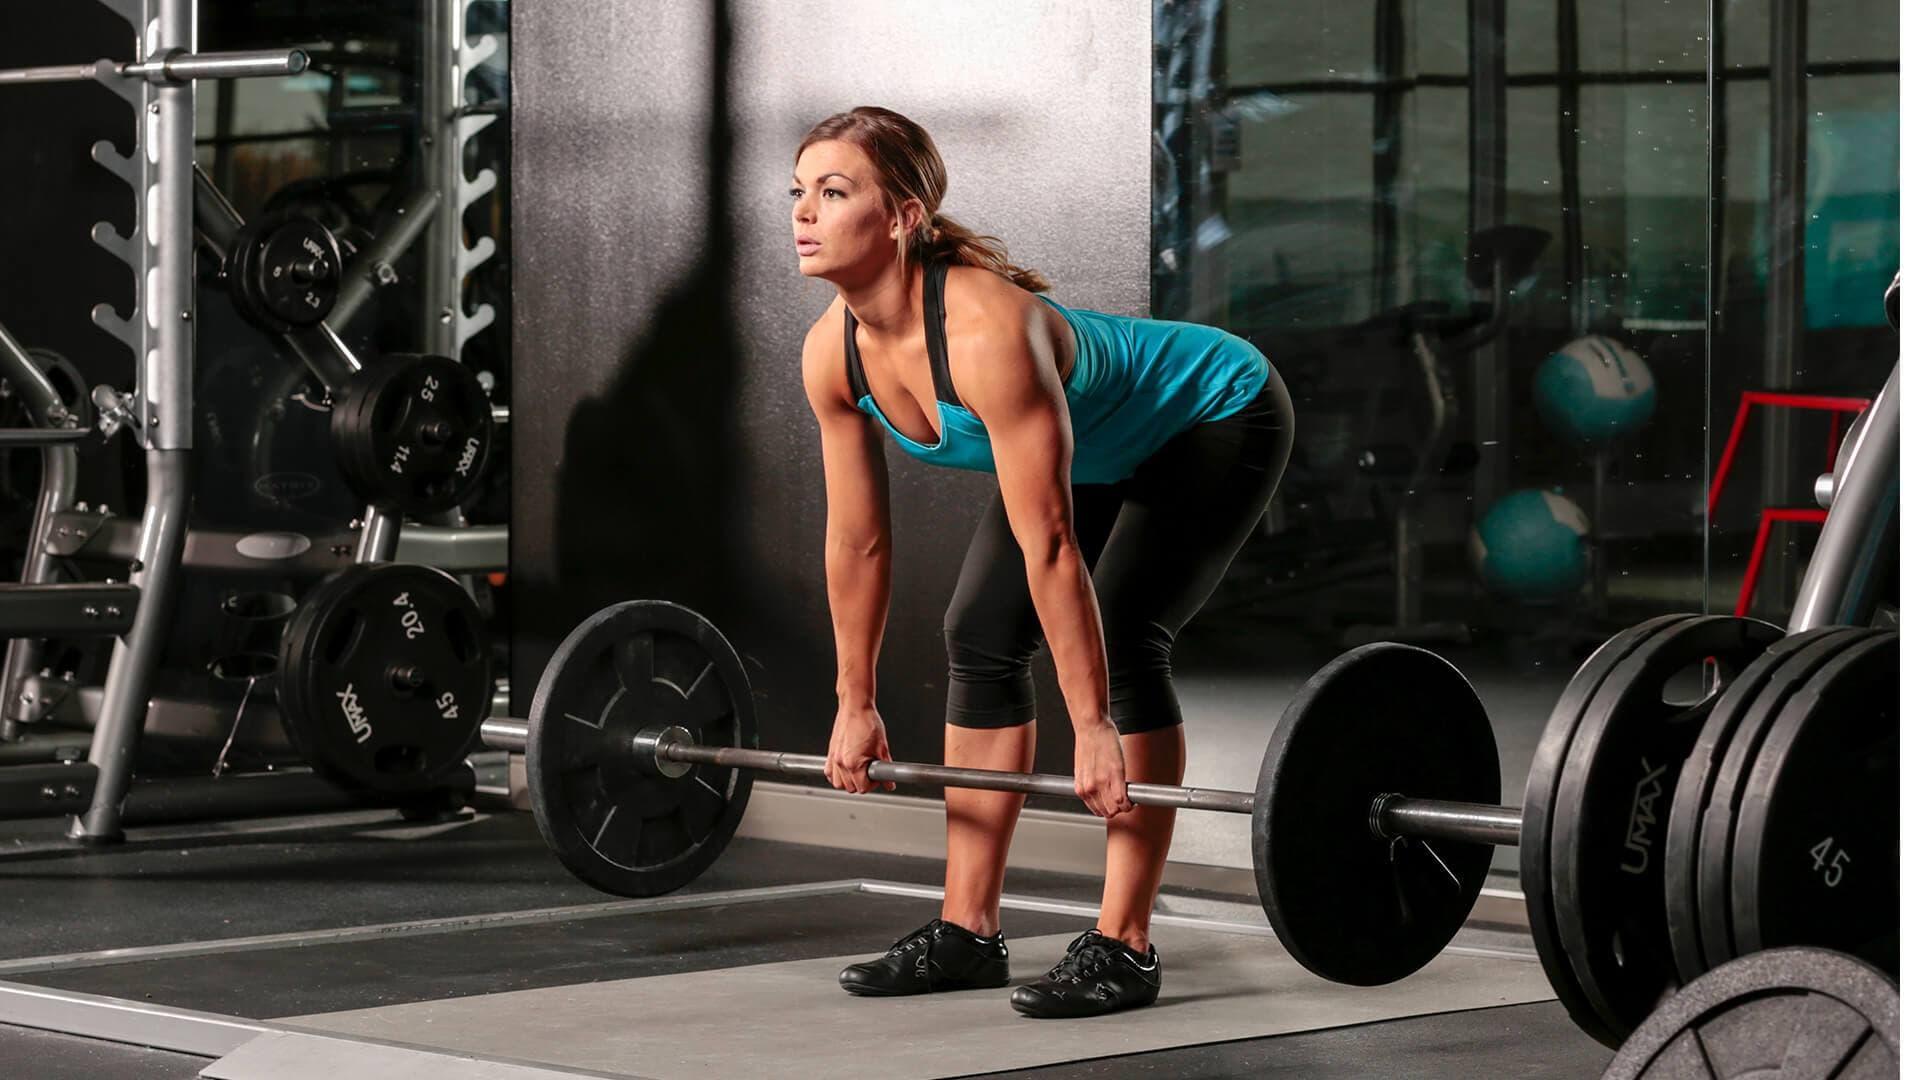 Упражнения в зале для девушек - как определиться с комплексом упражнений, интенсивность и частота тренировок, а также упражнения от профессиональных тренеров у нас!